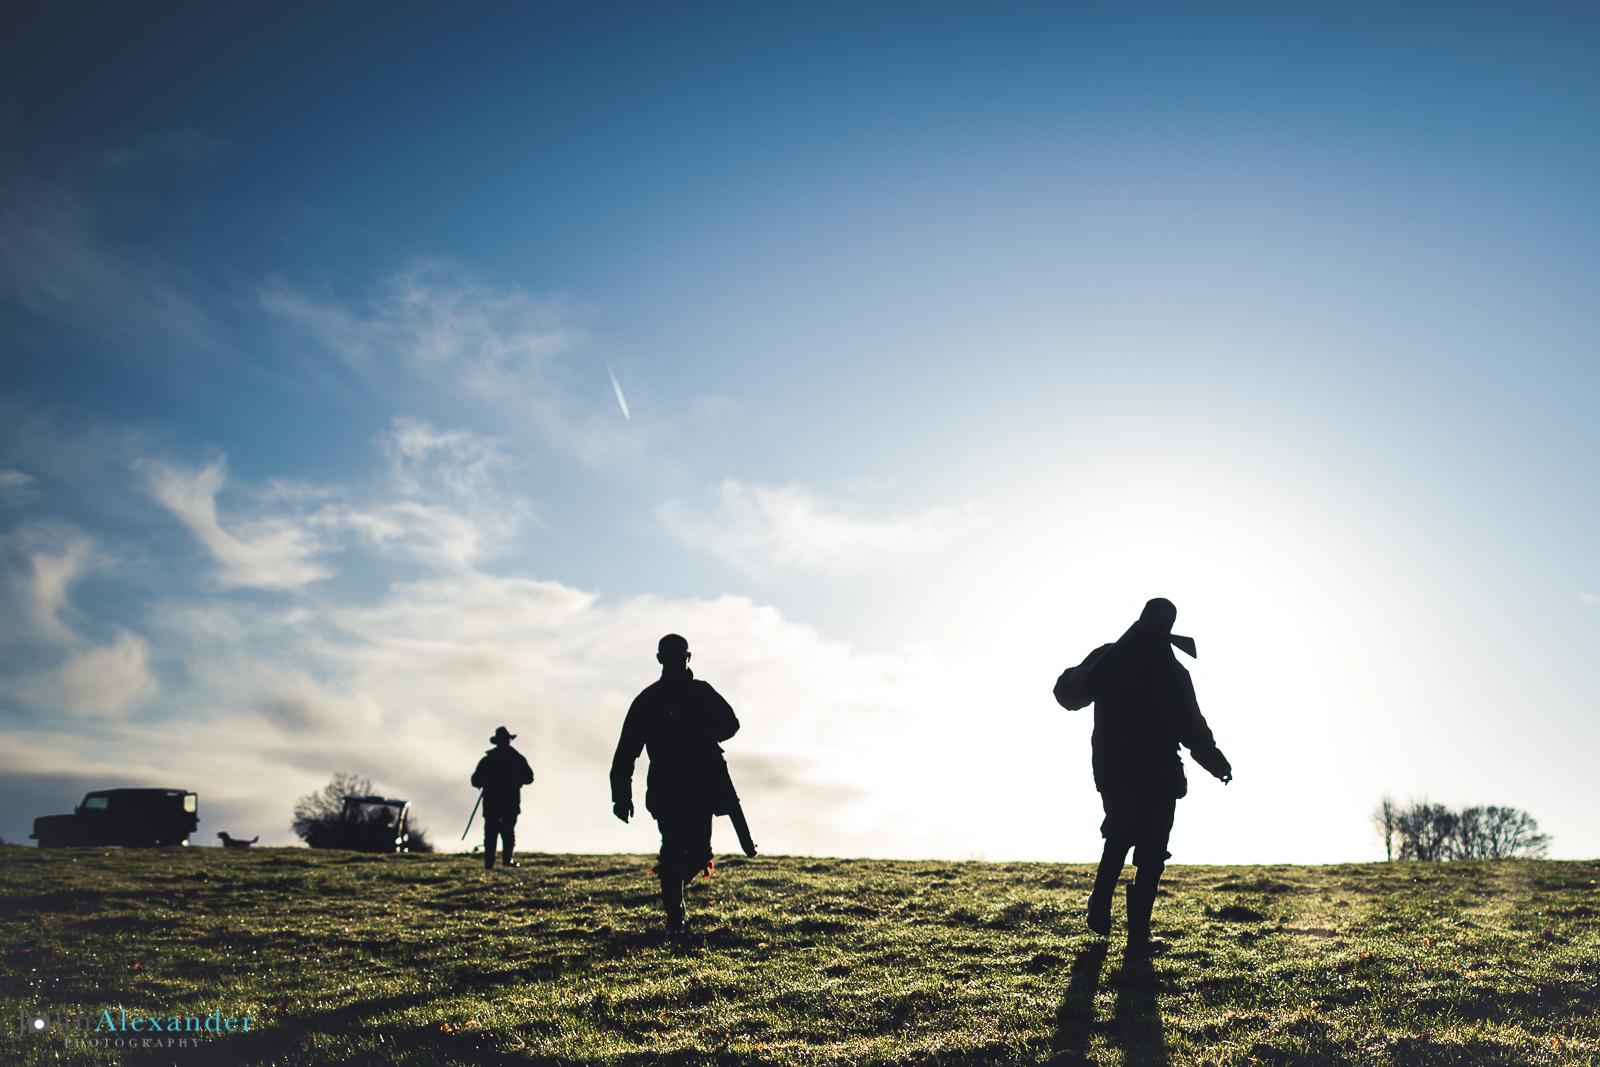 silhouettes of guns walking through field